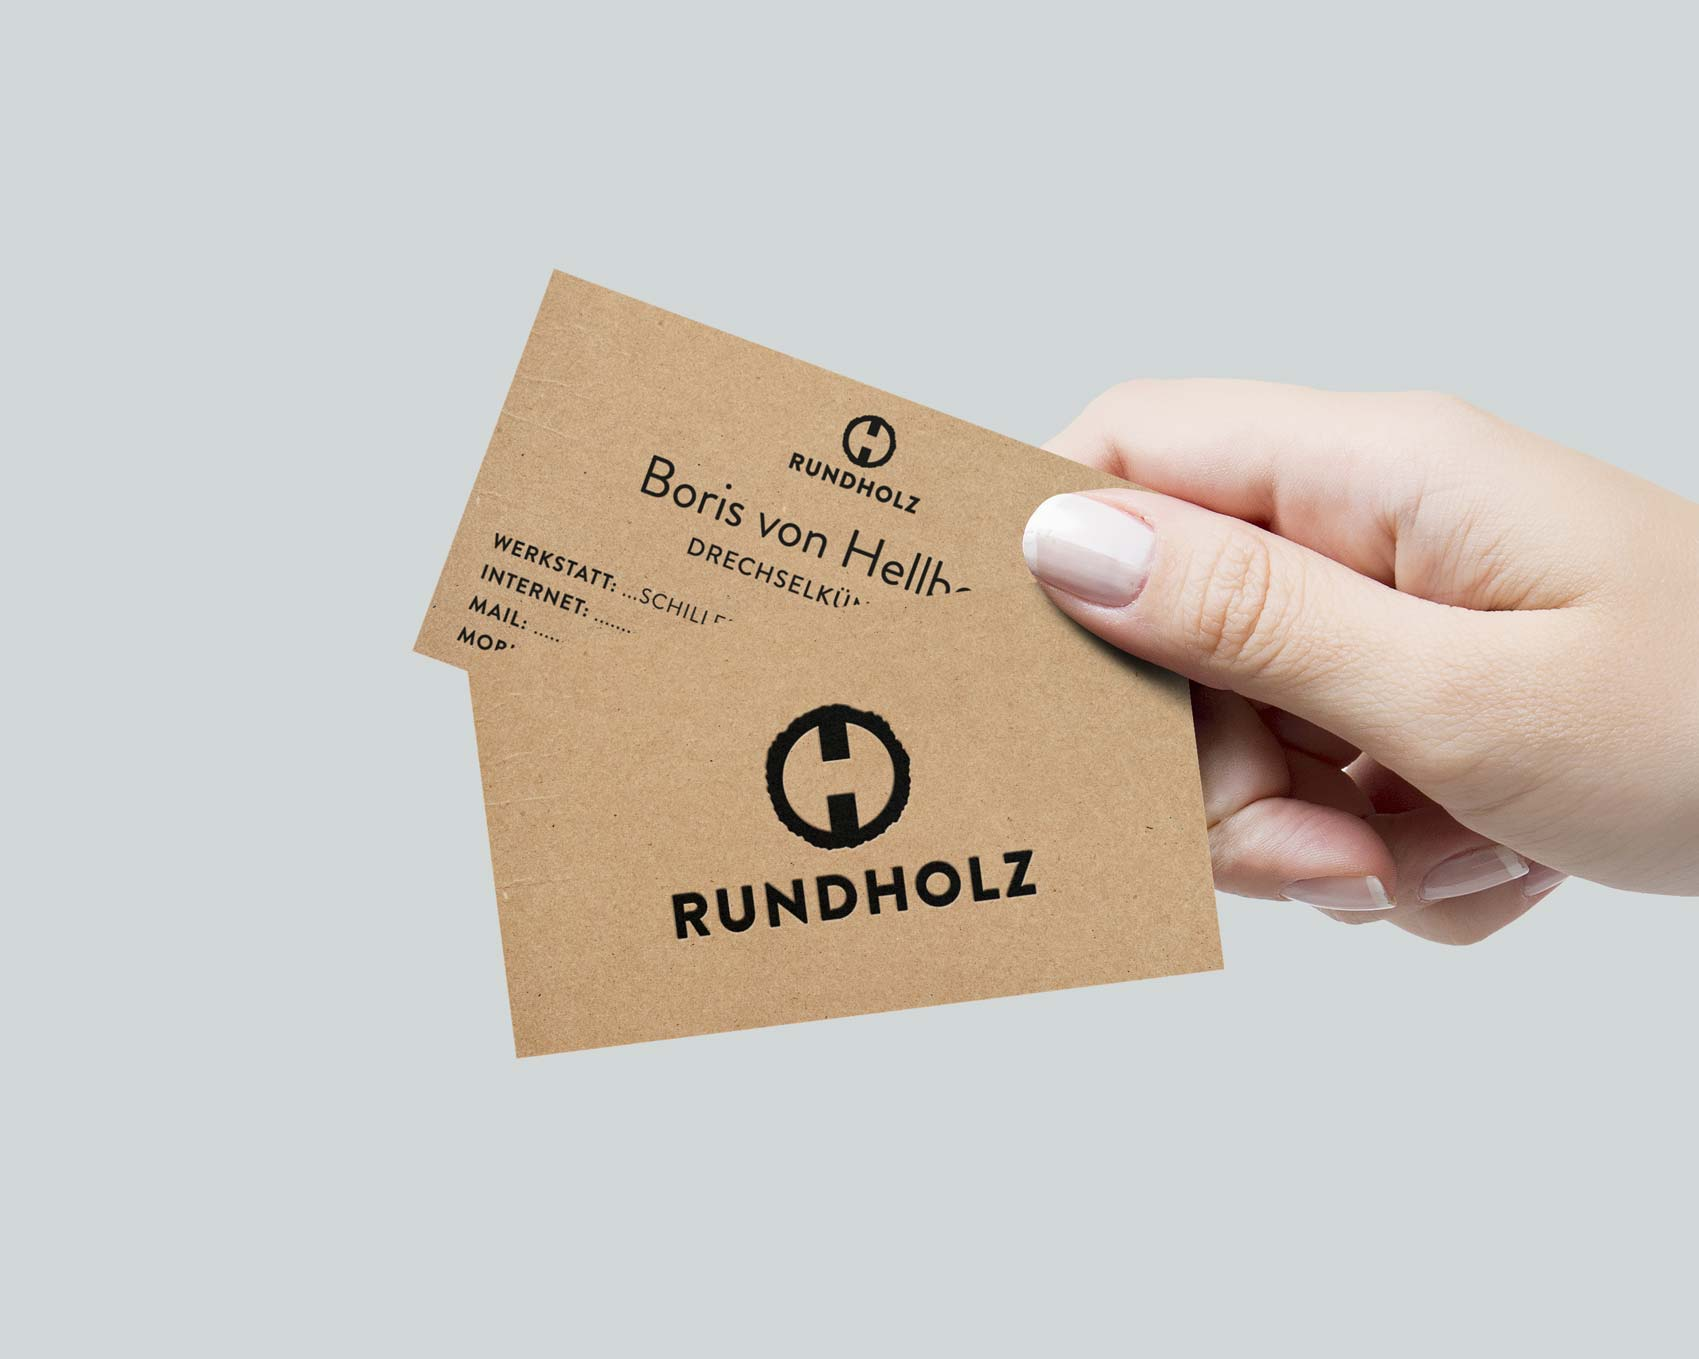 Visitenkarte Rundholz, Boris von Hellborn